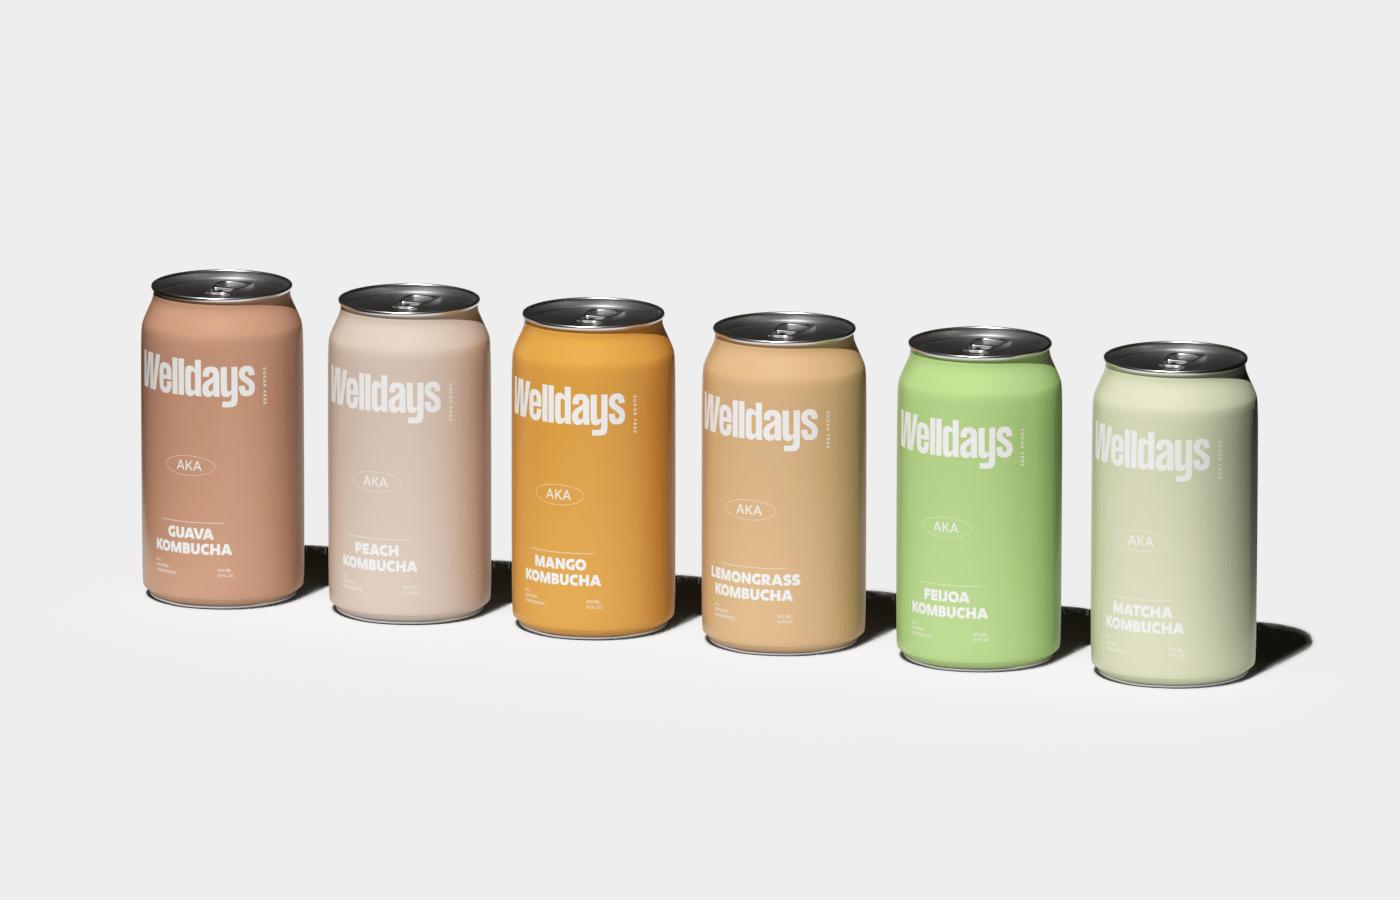 Welldays packaging